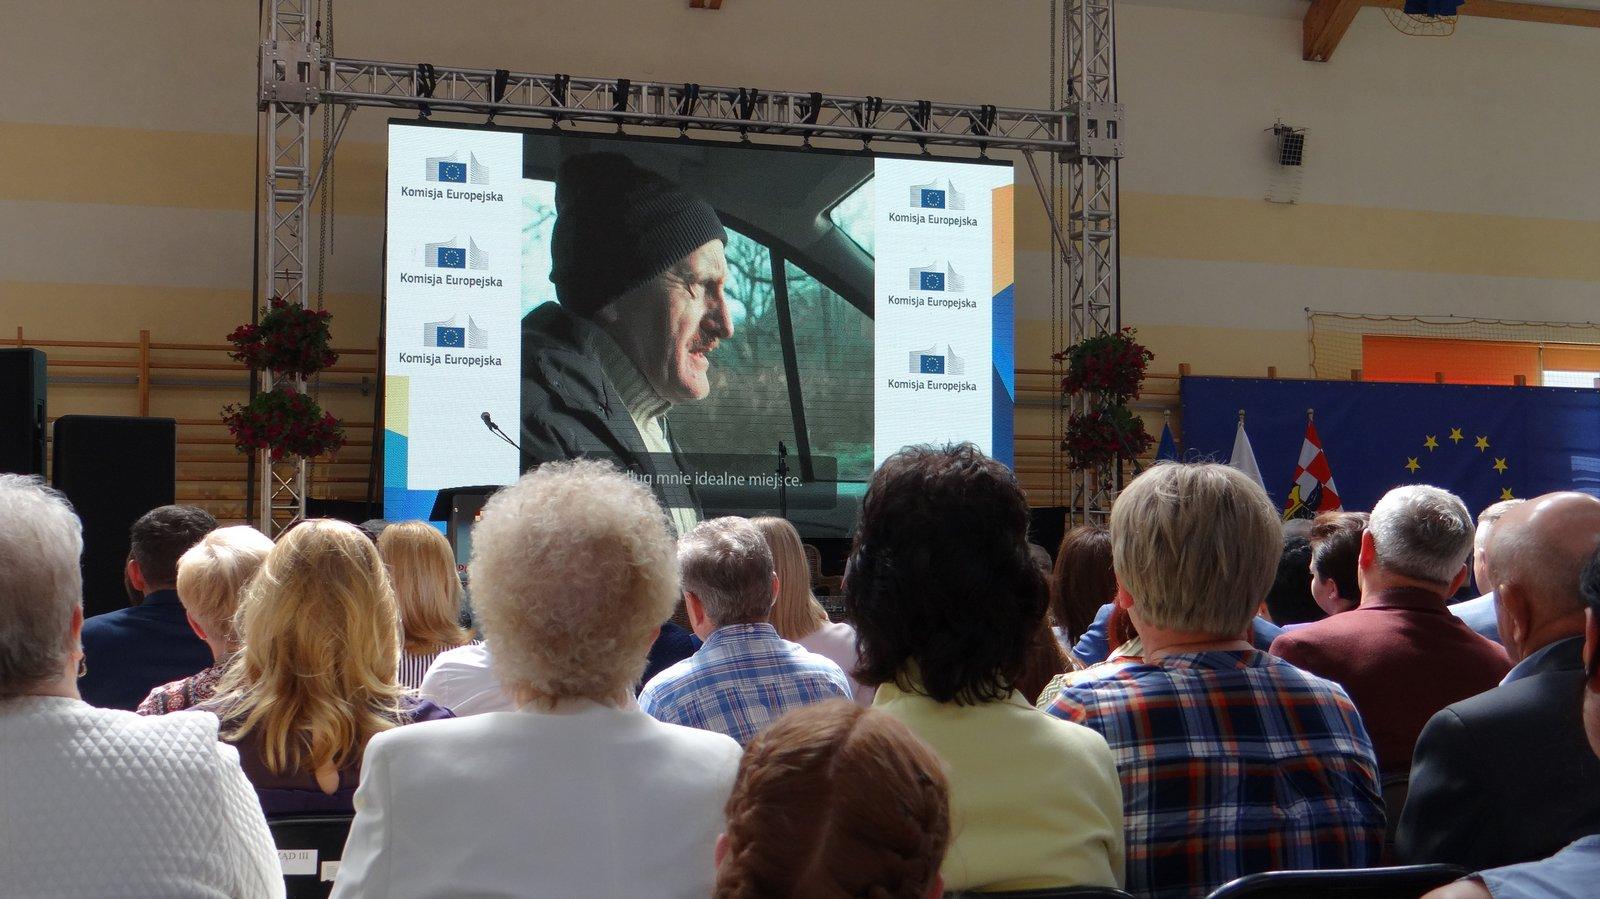 dsc09444 - Wielkopolska zaradność i pracowitość doceniona na Forum Wielkopolskiej Wsi Europejskiej